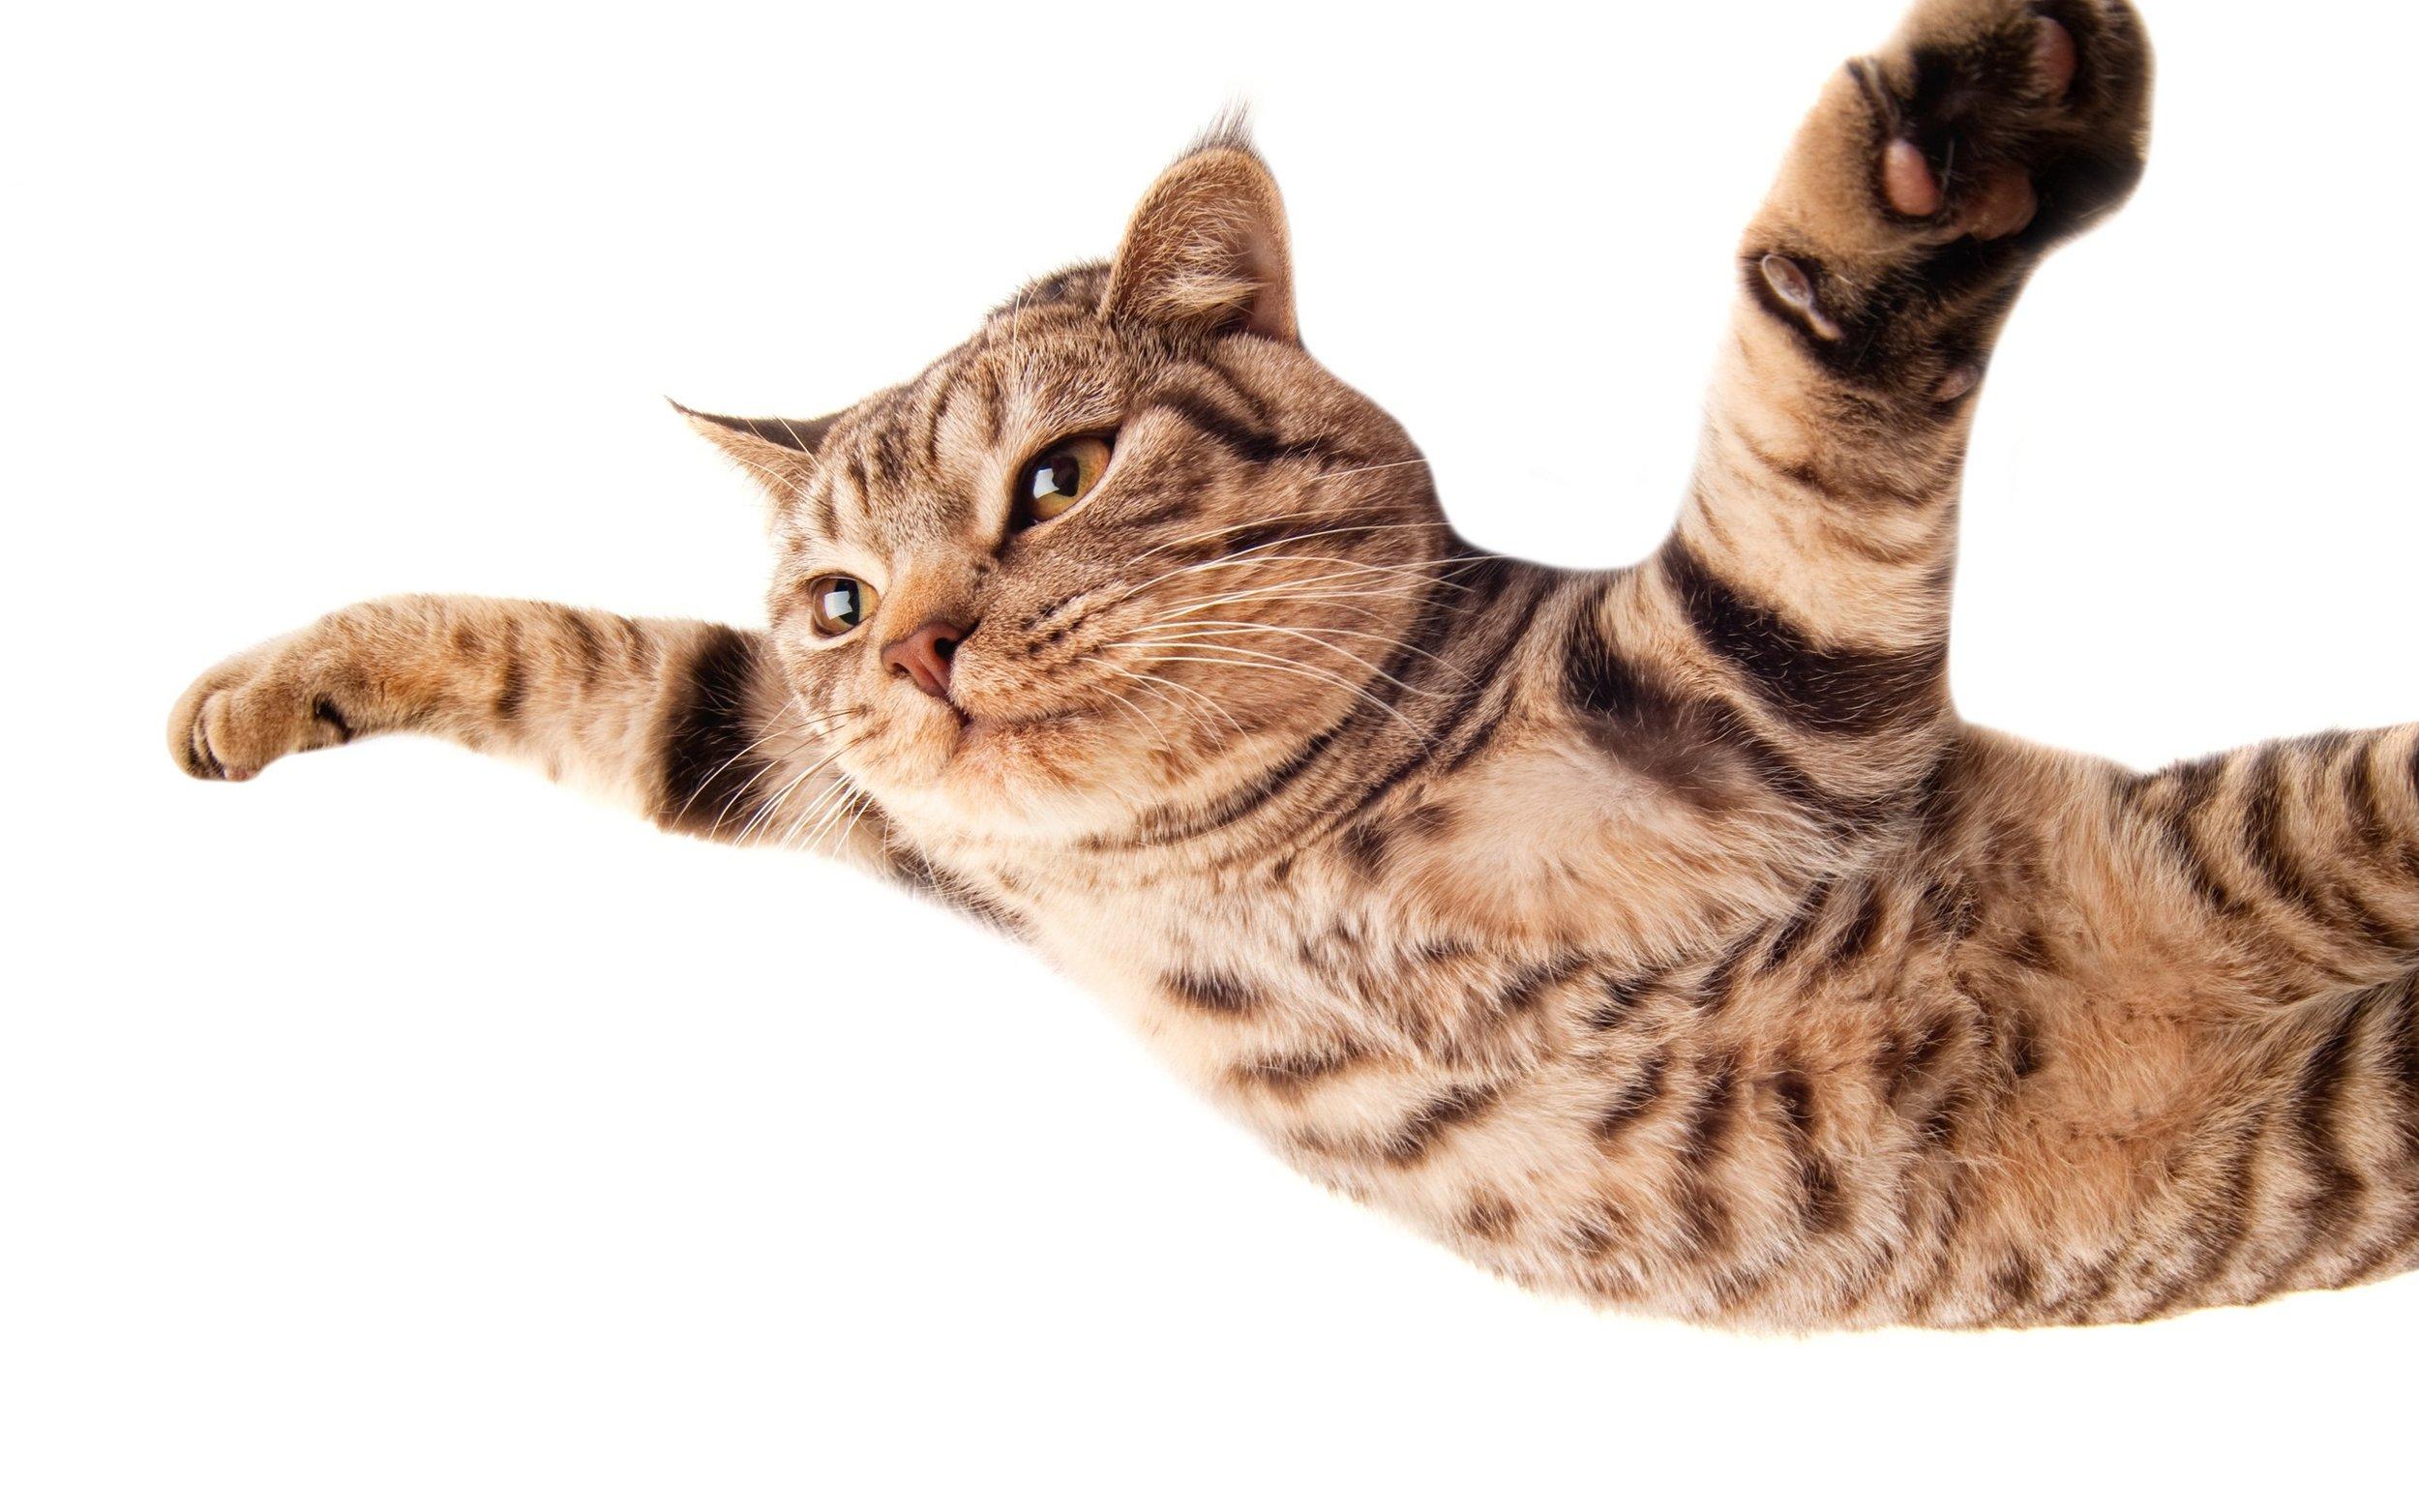 flying-cat-desktop-background.jpg